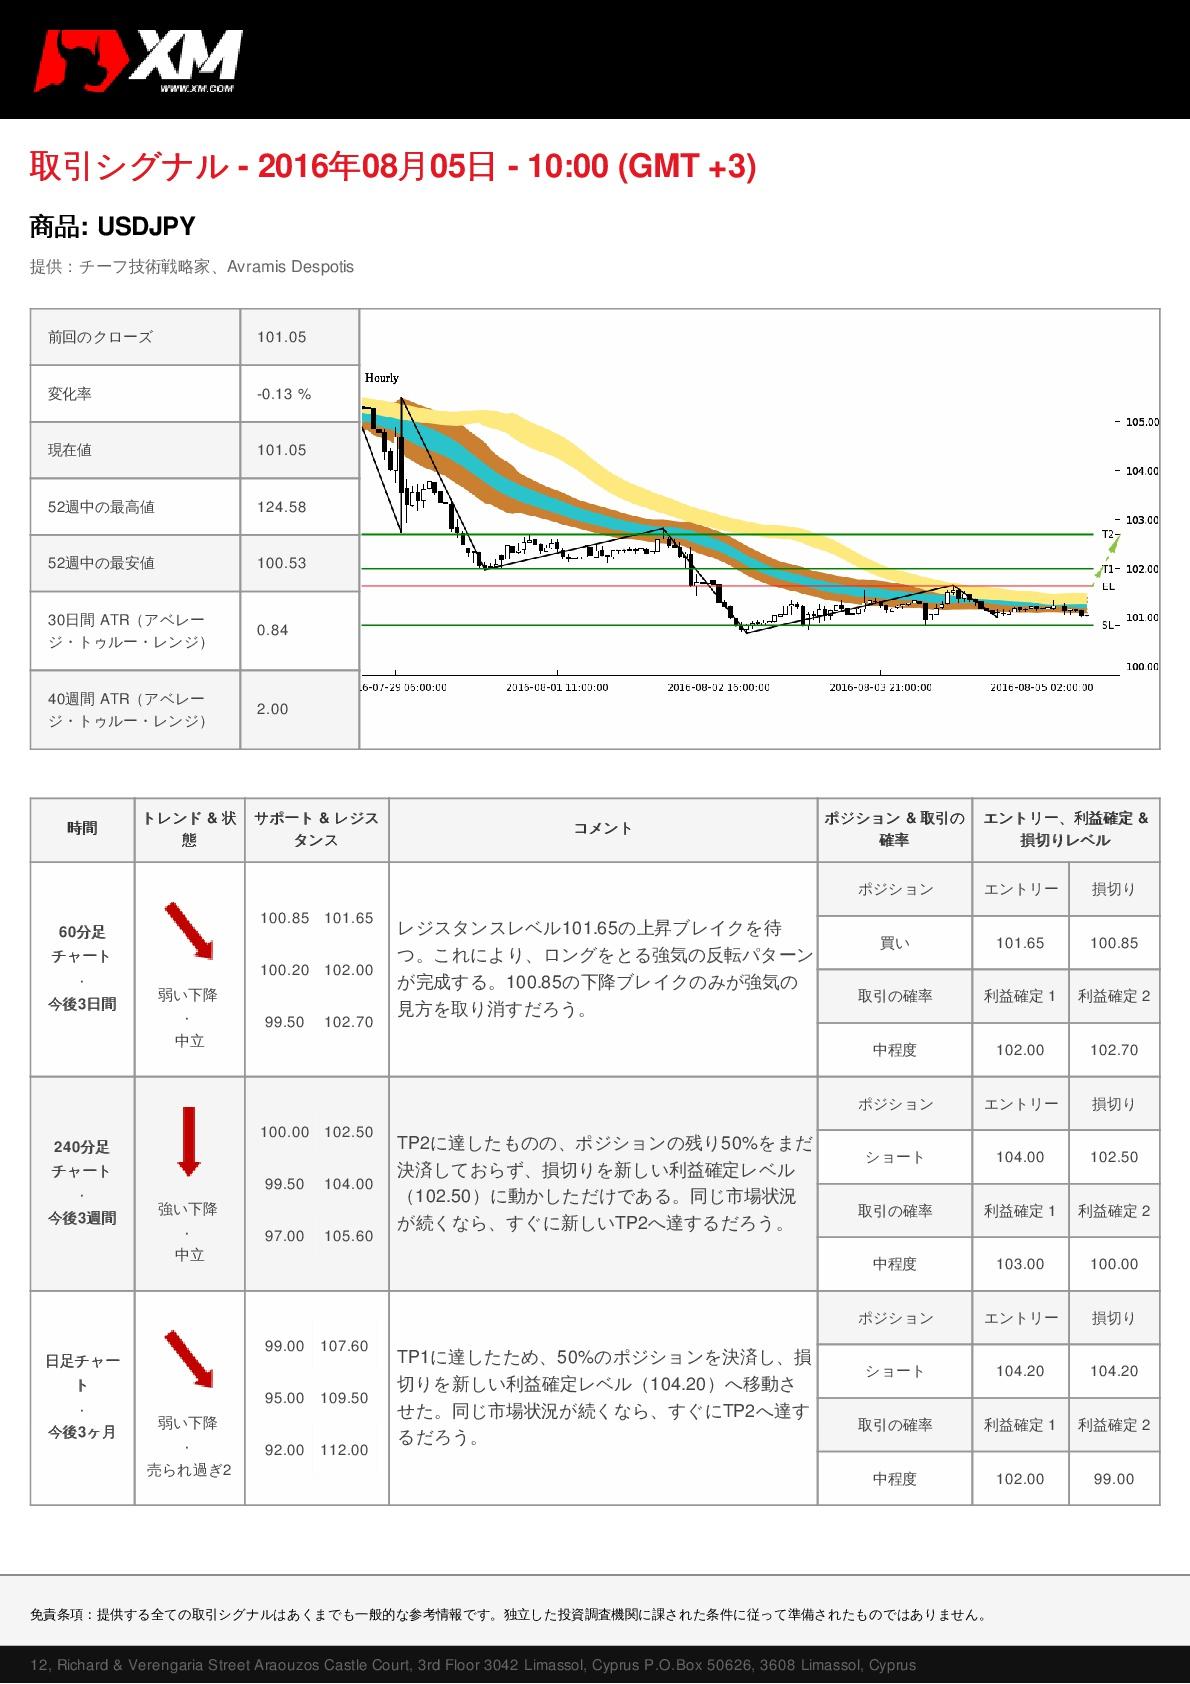 JP USDJPY 20160805 M 001